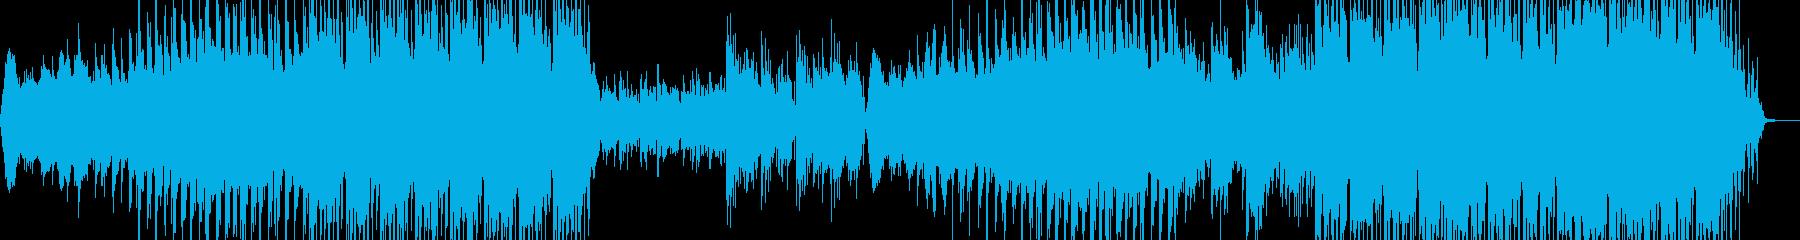 映像のためのアジア風音楽ー果実の再生済みの波形